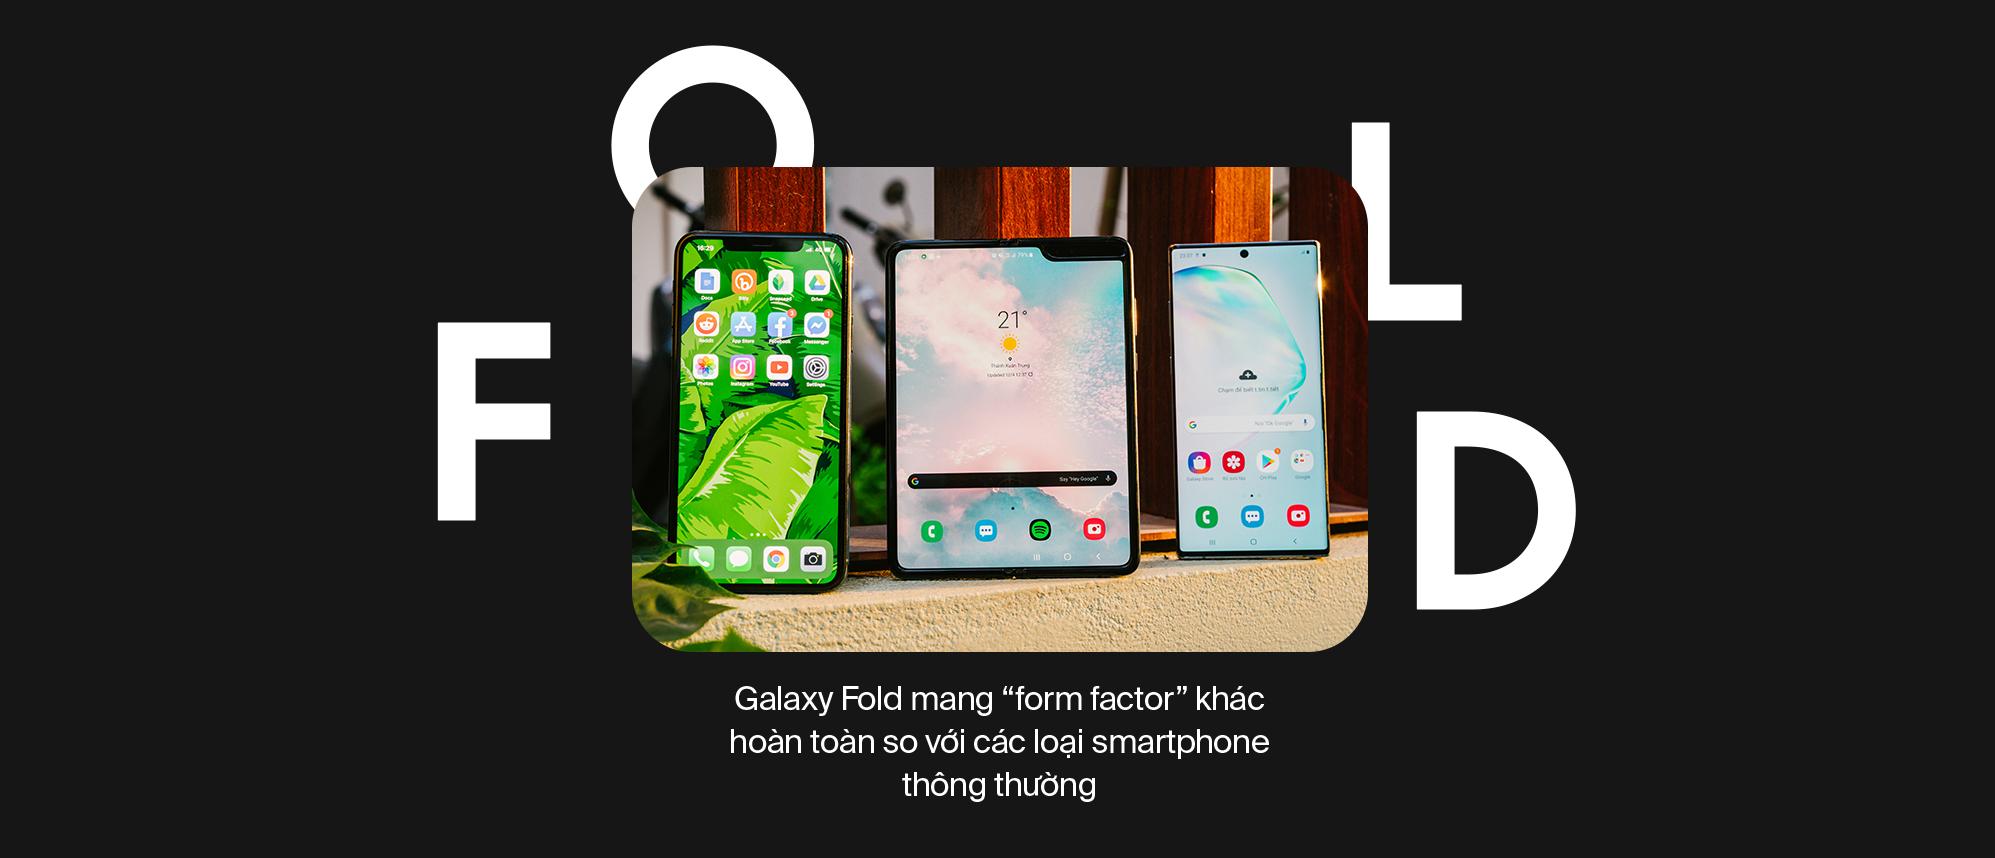 """Bỏ iPhone 11 Pro Max qua dùng Galaxy Fold: như xa vợ con để tìm """"thứ mới"""" - Ảnh 11."""